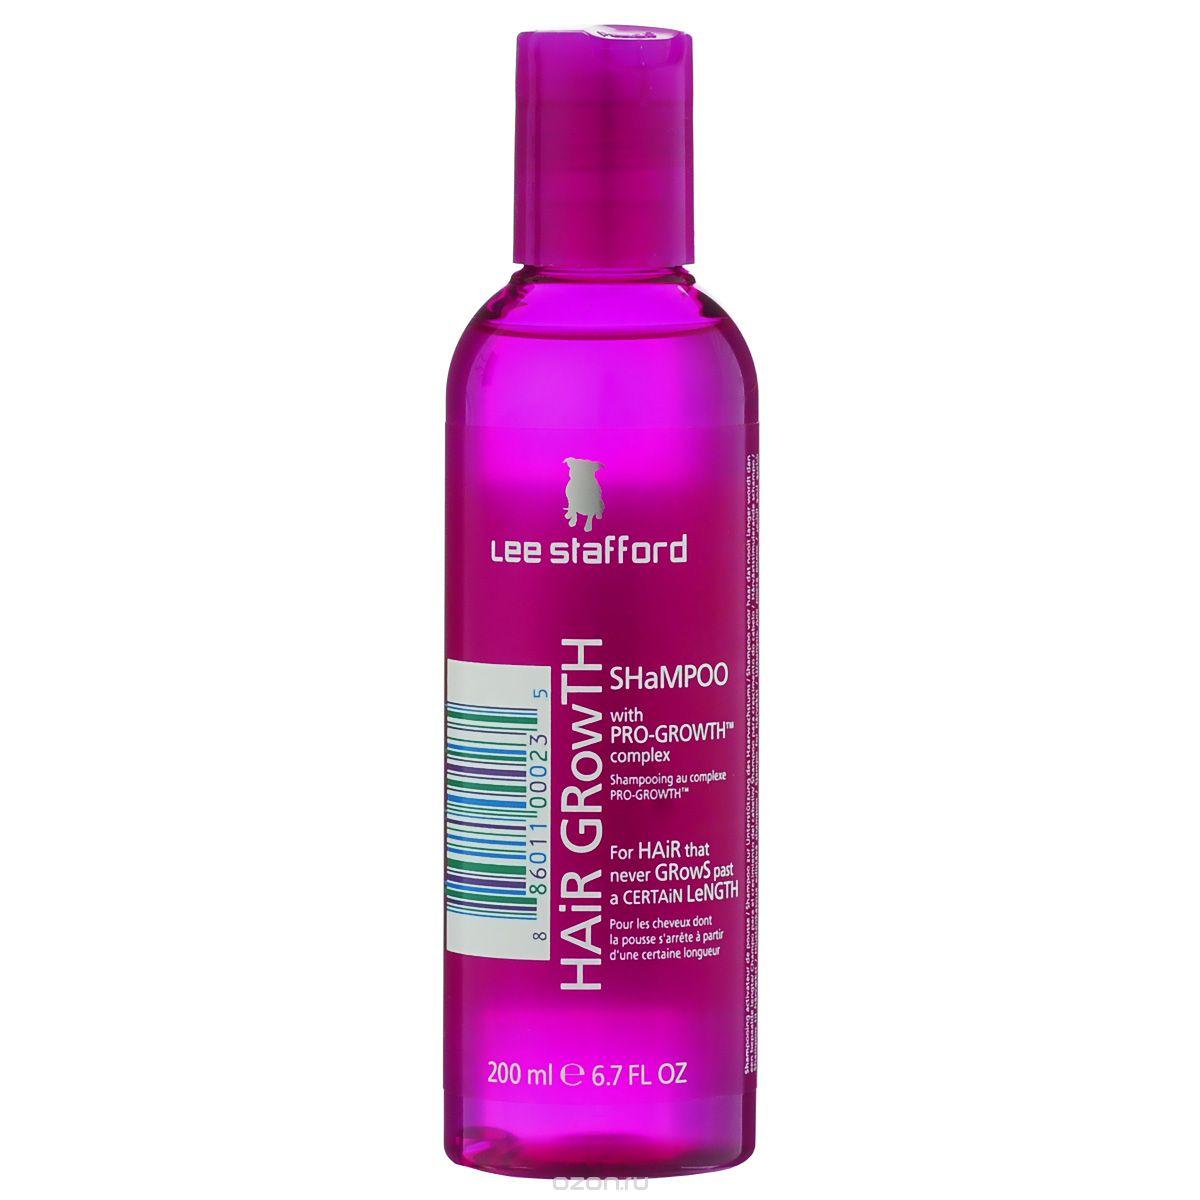 Lee Stafford Шампунь для роста волос Hair Growth, 200 млFS-00897200118 Lee Stafford Шампунь для роста волос Hair Growth Shampoo, 200 мл. Оказывает стимулирующее воздействие на кожу головы и корни волос, улучшает их состояние и придает объем.